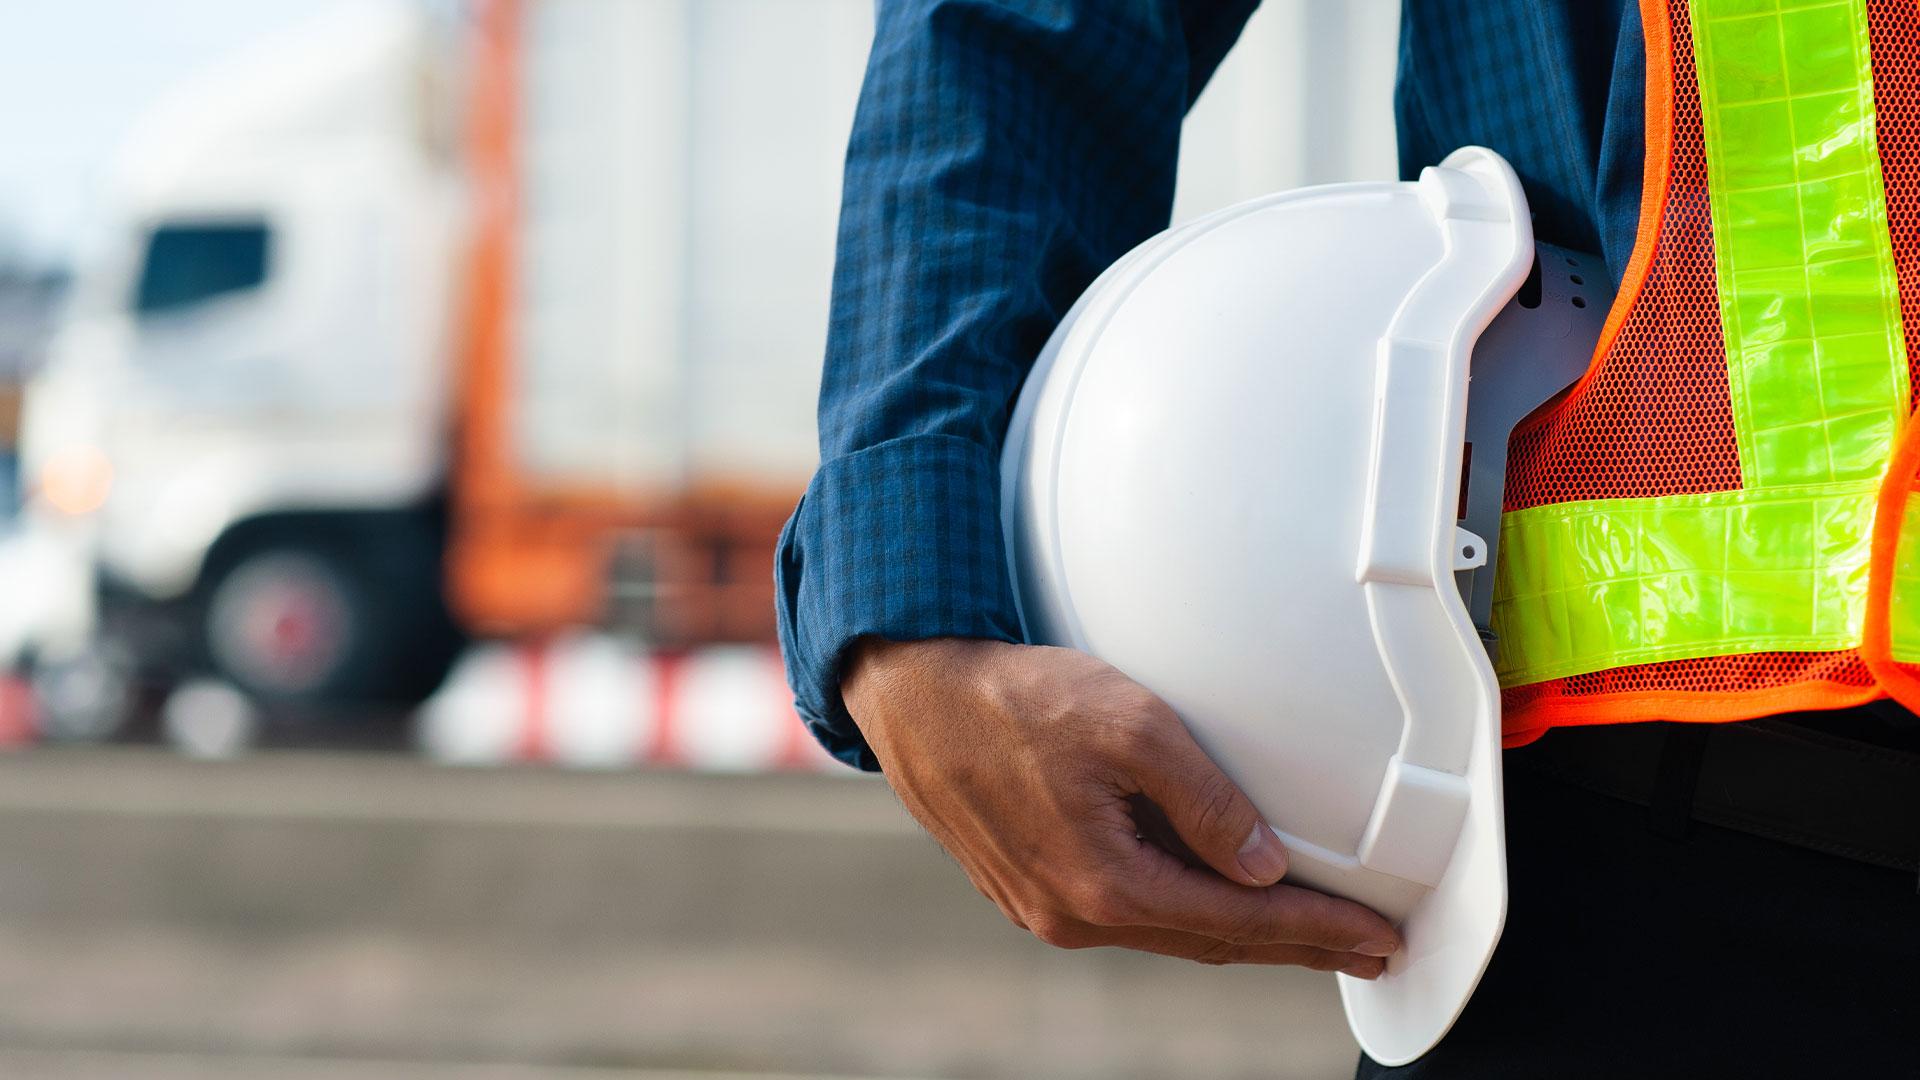 Sicurezza sul lavoro: una realtà che deve cambiare